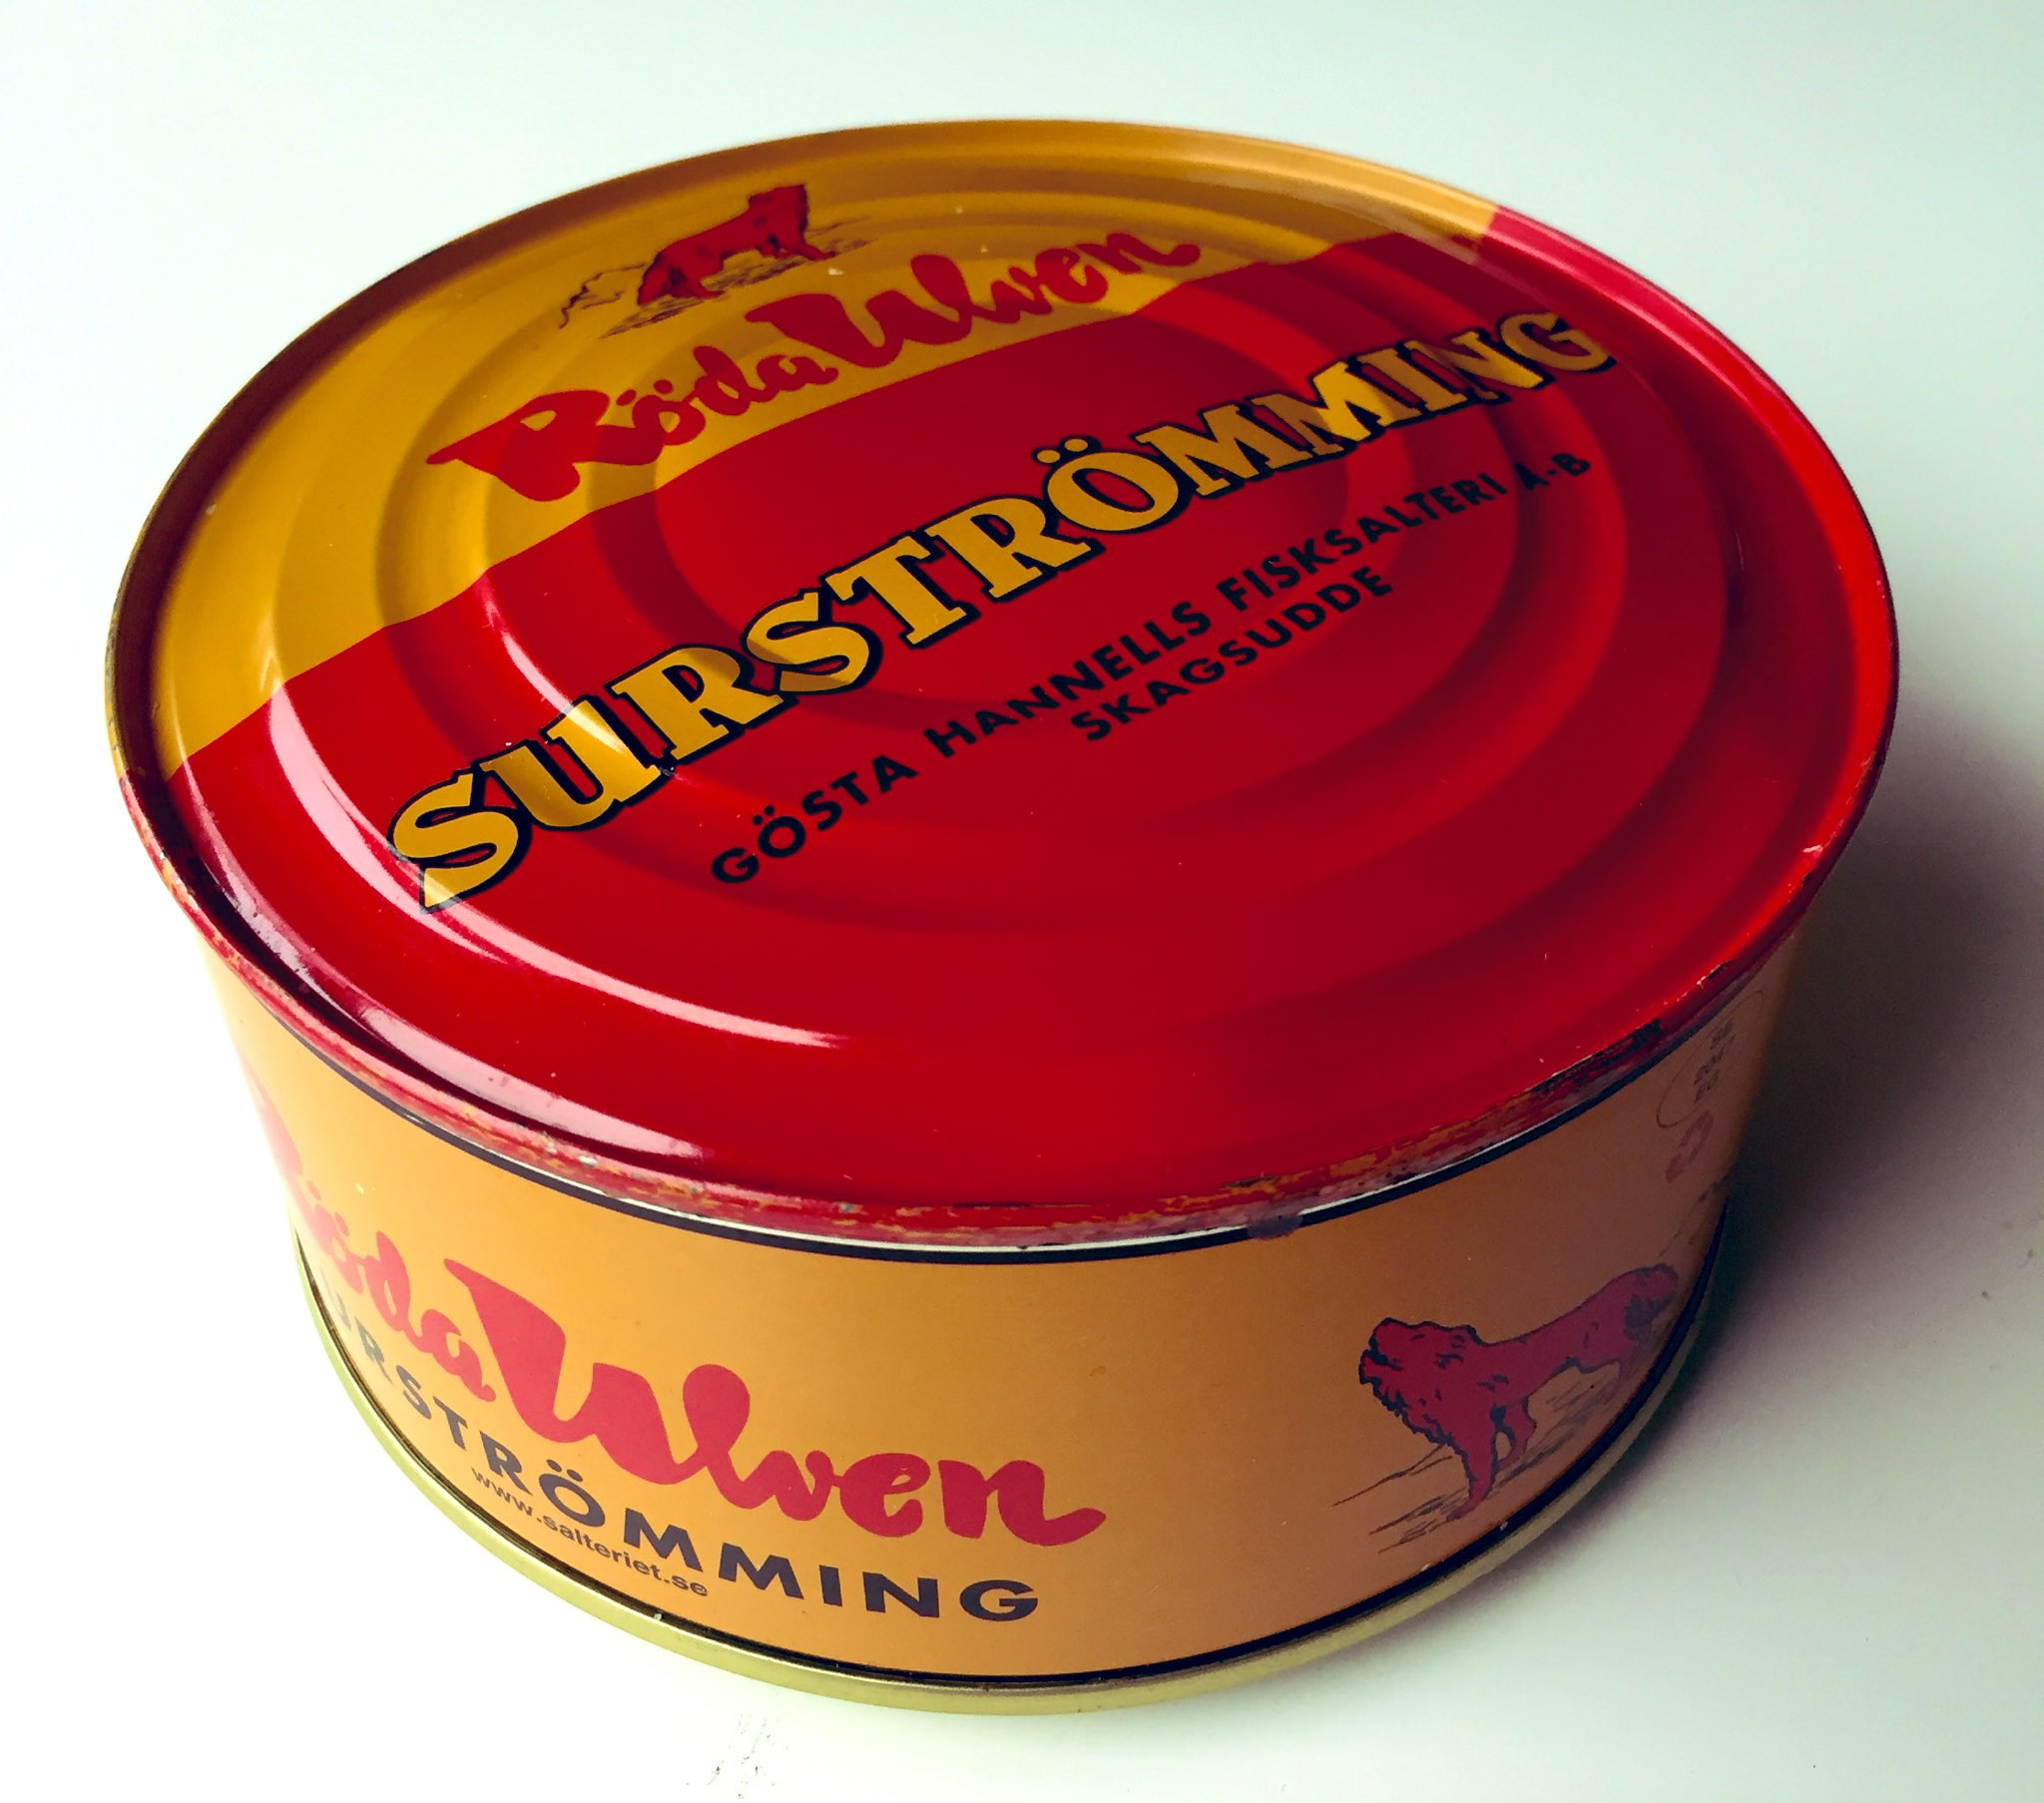 Норвежский деликатес – сюрстремминг: описание, вкус, приготовление, отзывы